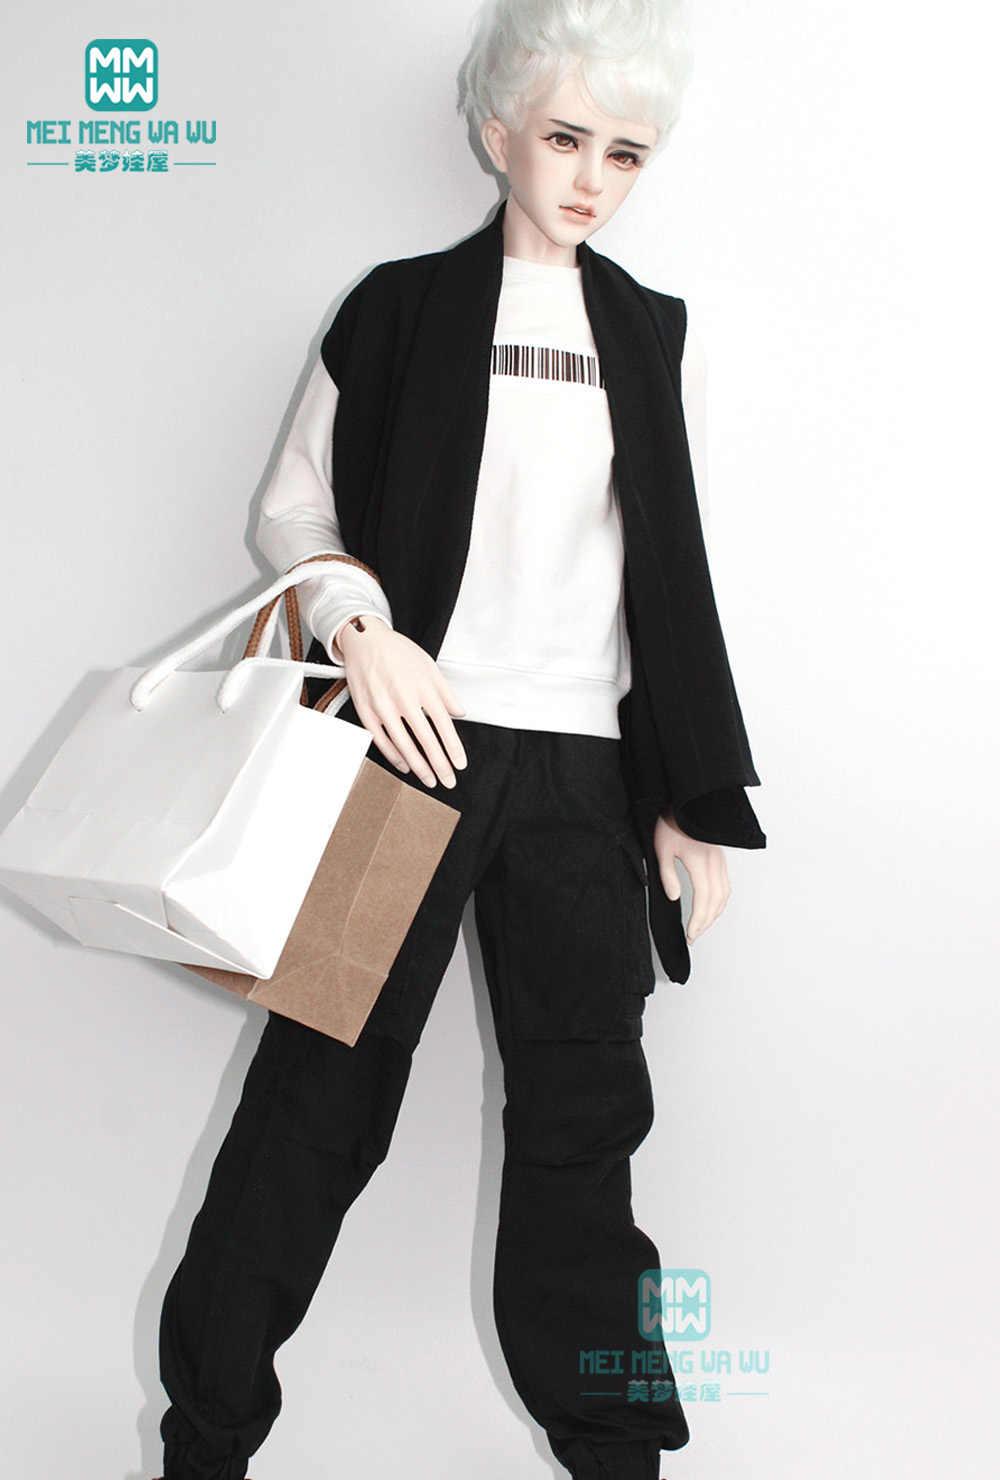 BJD аксессуары, кукольная одежда для 65-72 см, BJD uncle, модная повседневная футболка с надписью, повседневные штаны